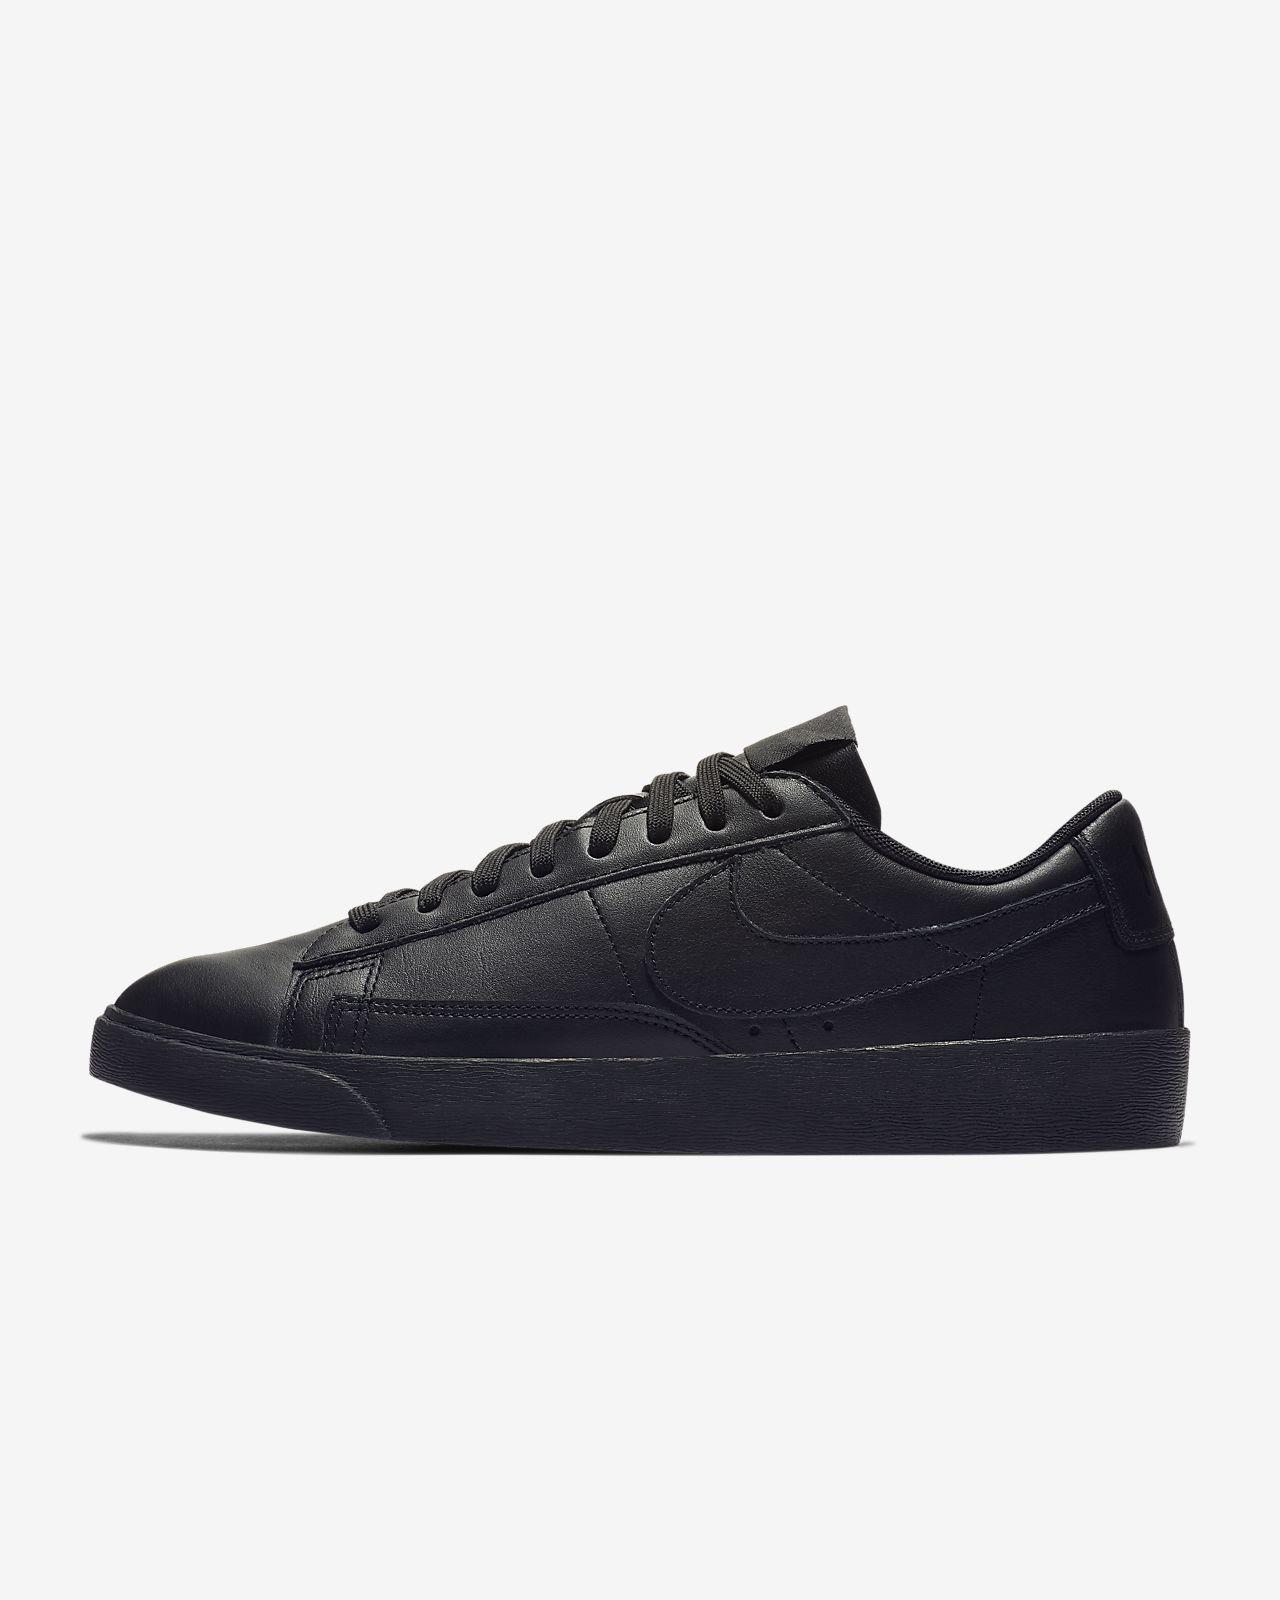 new style e0d3c fec62 Buty damskie Nike Blazer Low LE